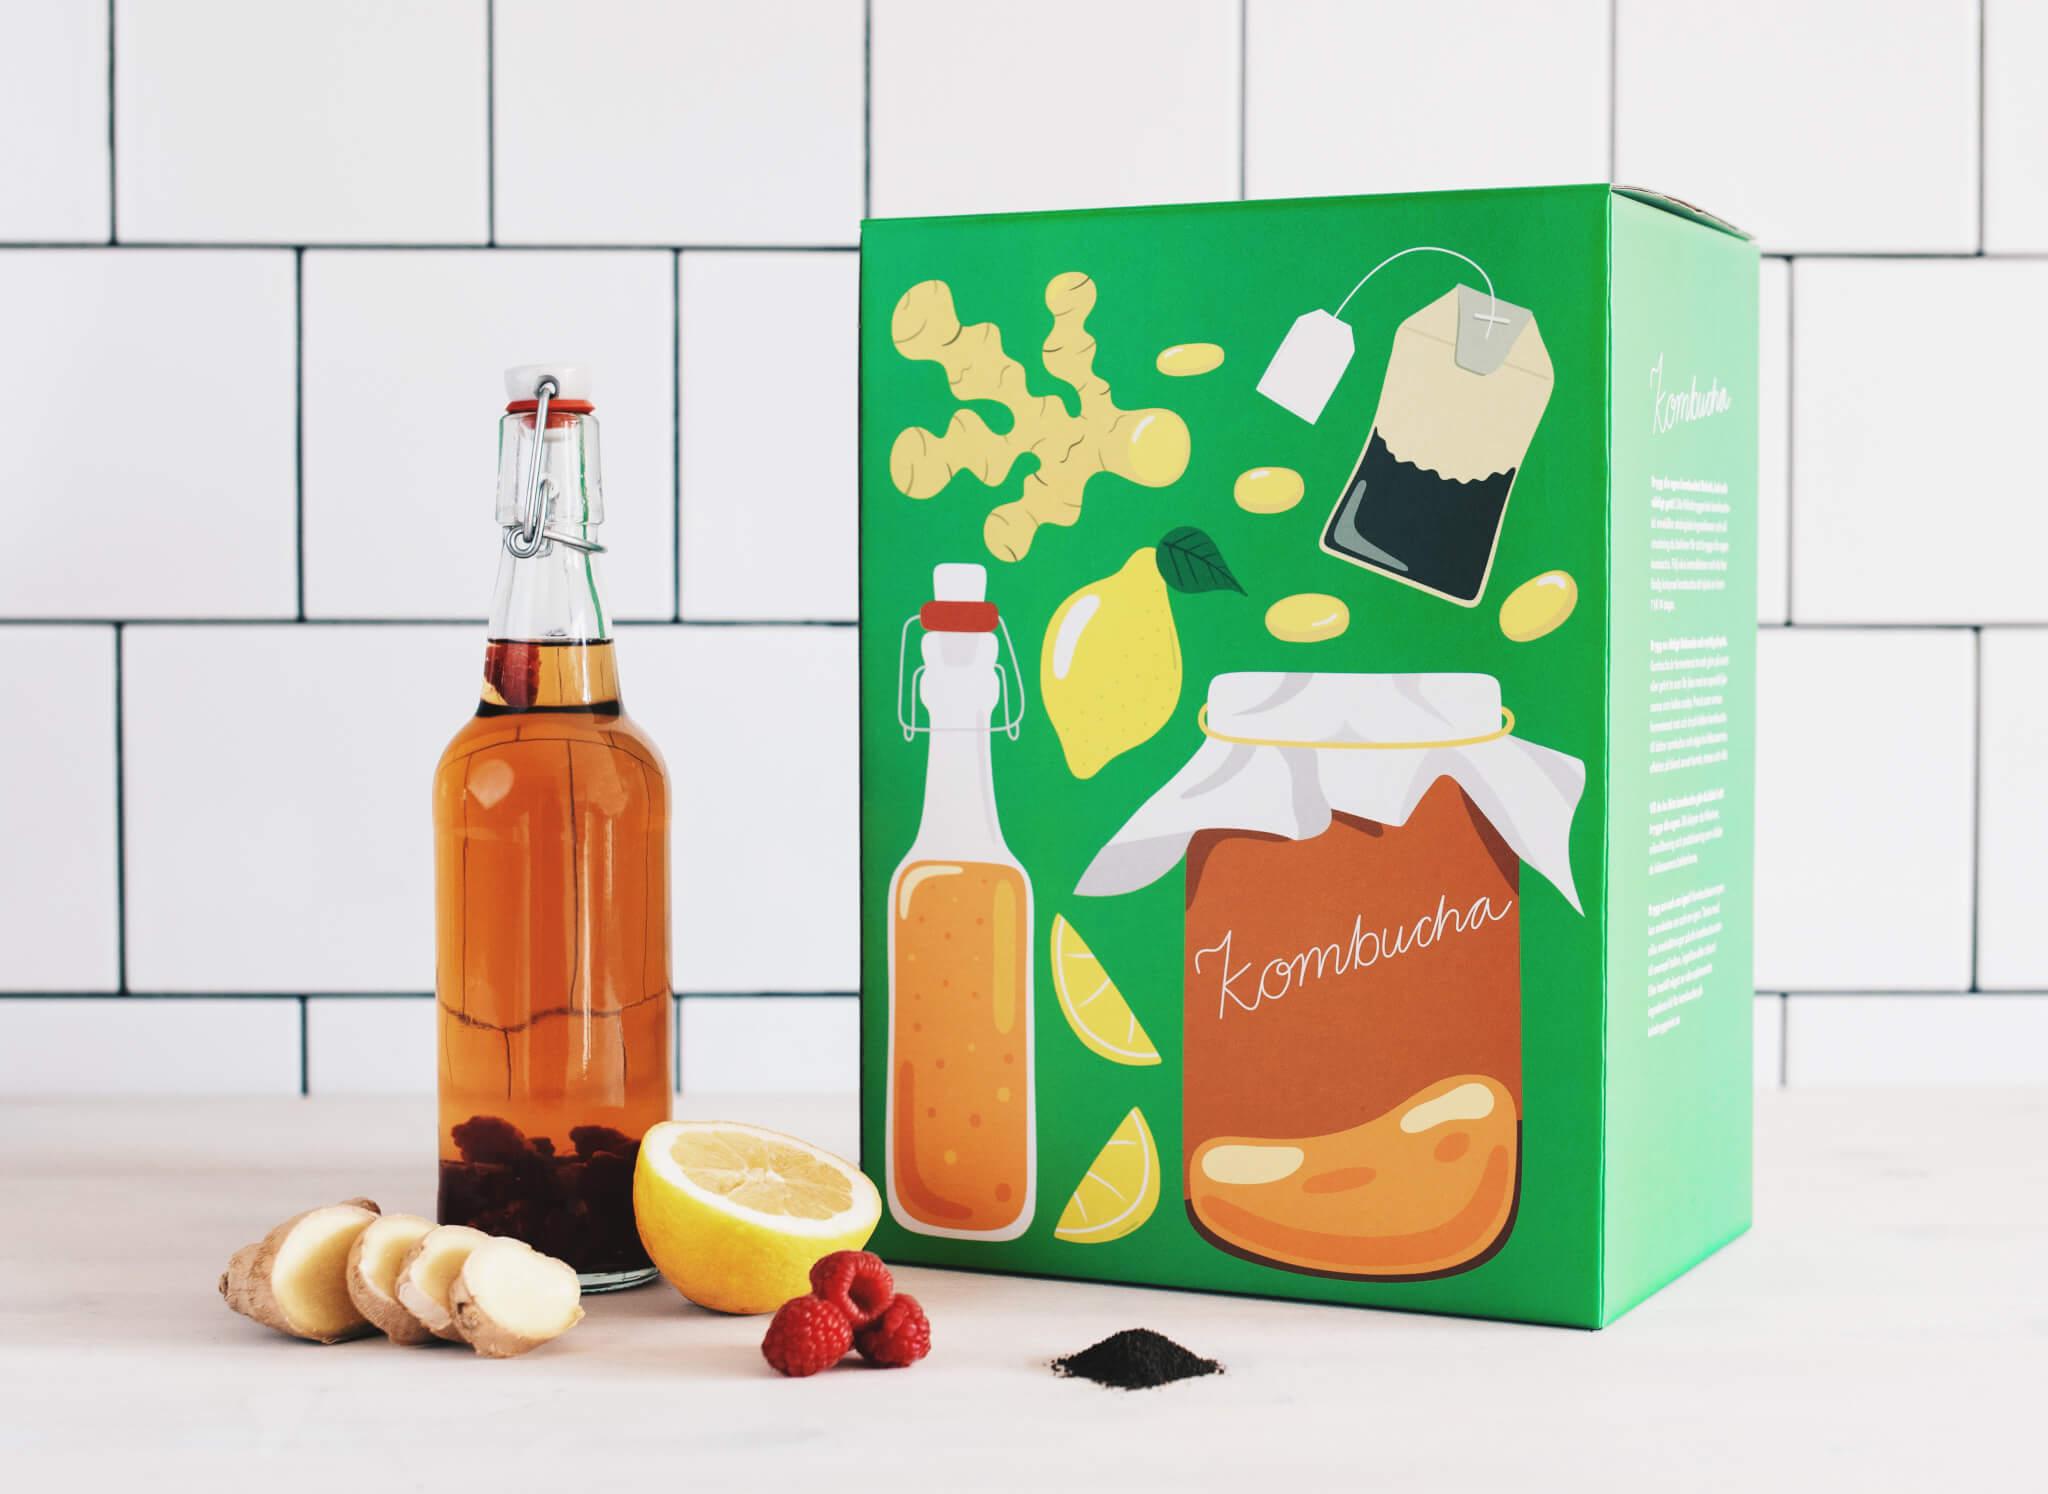 OpakowaniaDet Lilla Köksbryggeriet - packhelp pudełka